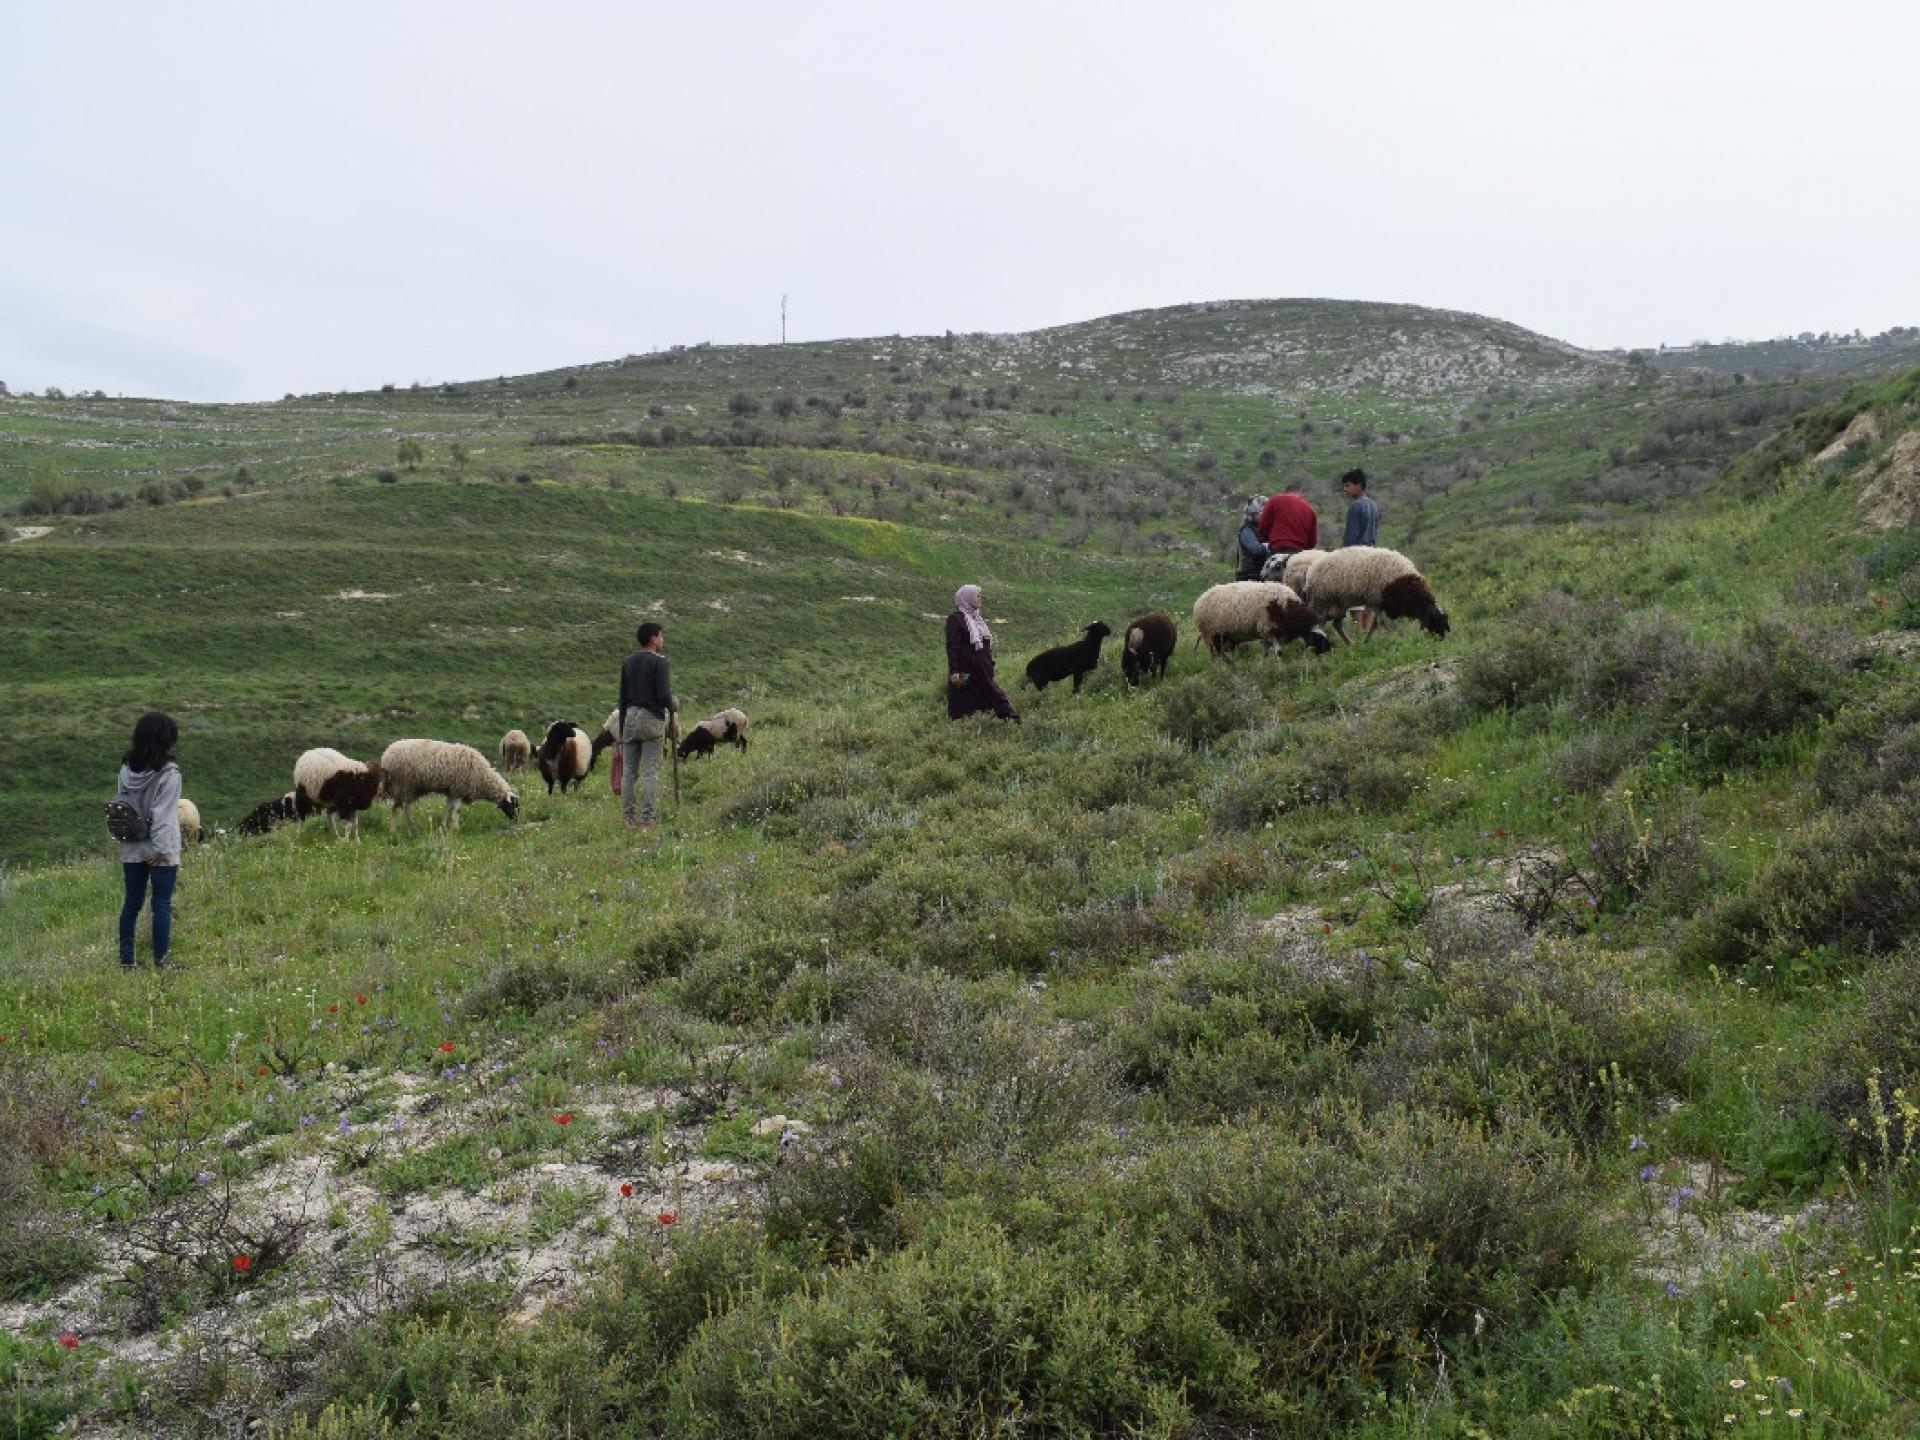 עדר הכבשים הקטן של א. ליד חלקת עצי הזית. בגב ההר מימין ניתן לראות את בתי התנחלות יצהר.